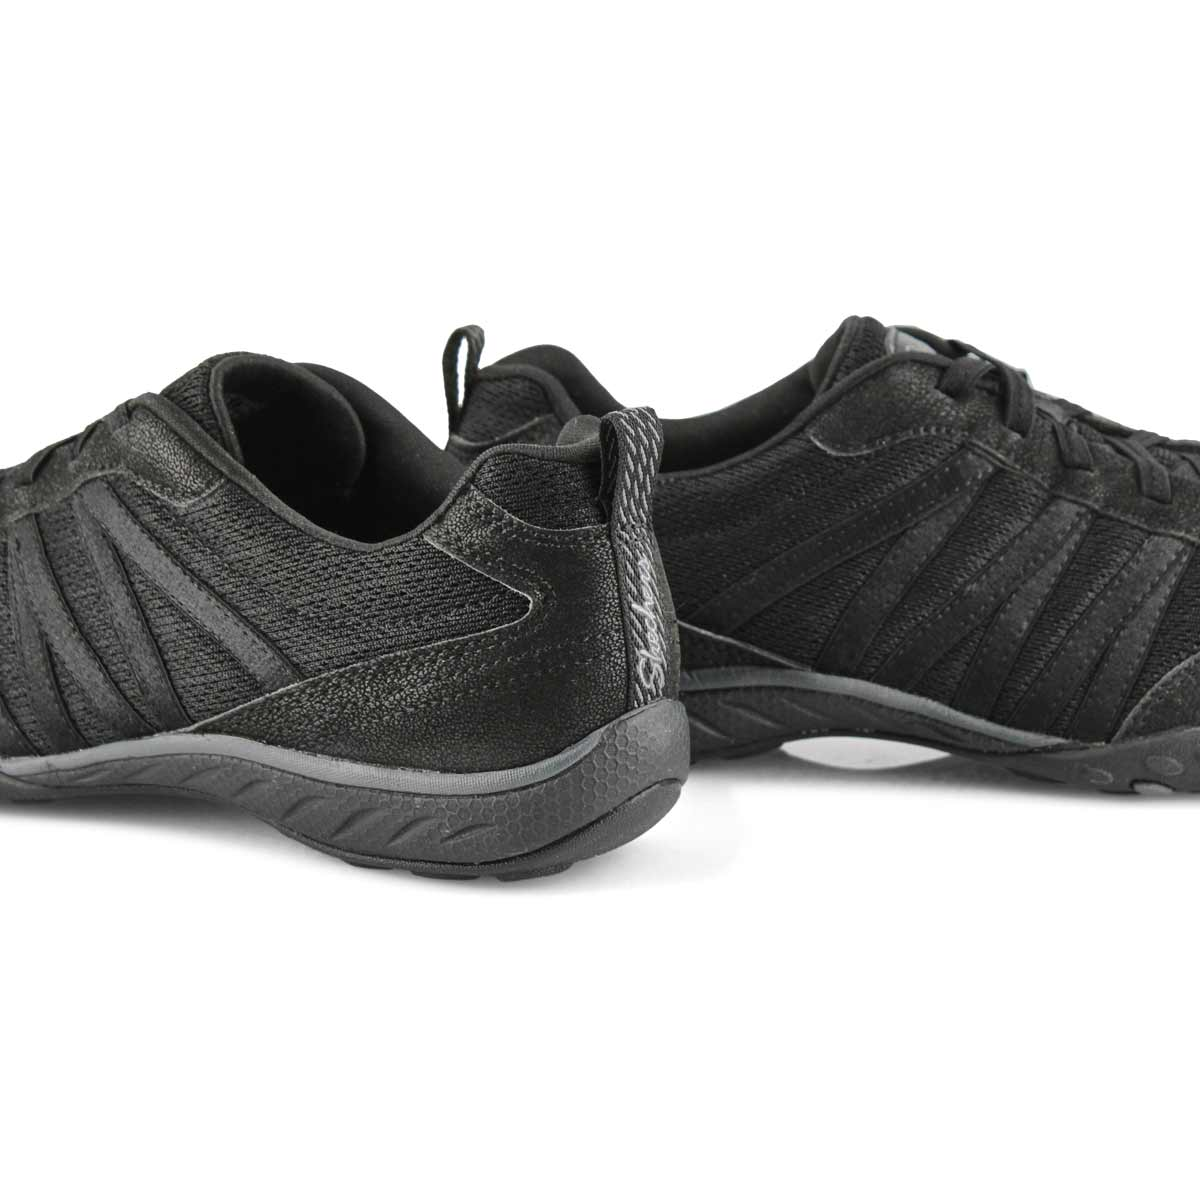 Women's BREATHE-EASY black slip on sneakers